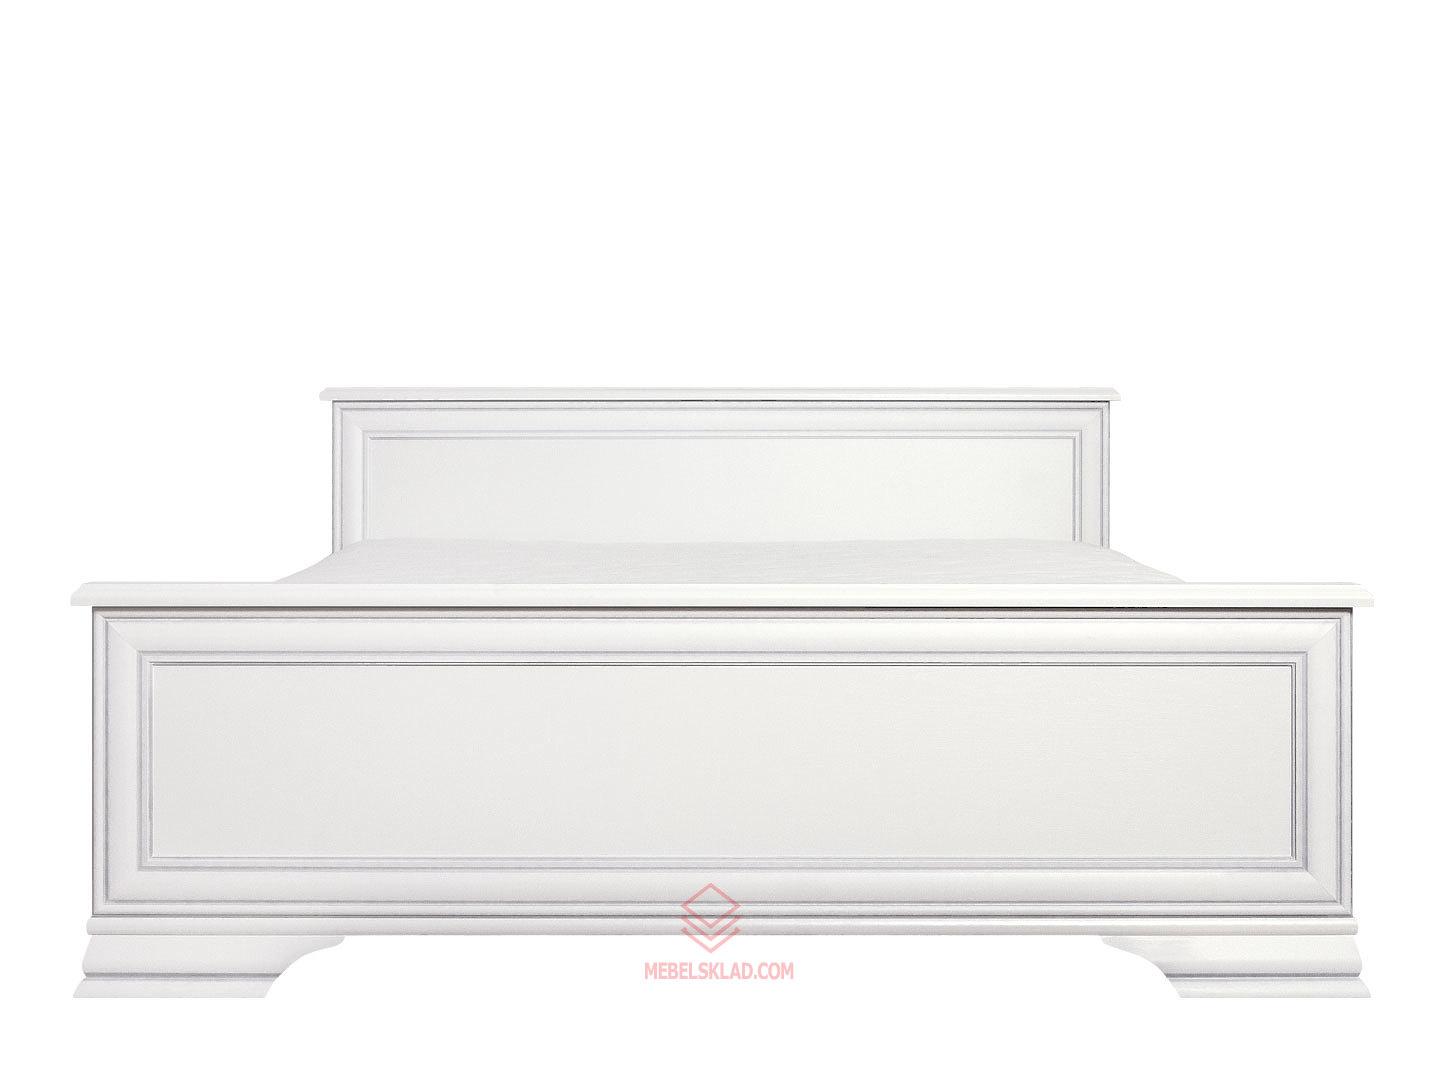 Кровать новая LOZ160х200 белый KENTAKI за 19480 ₽